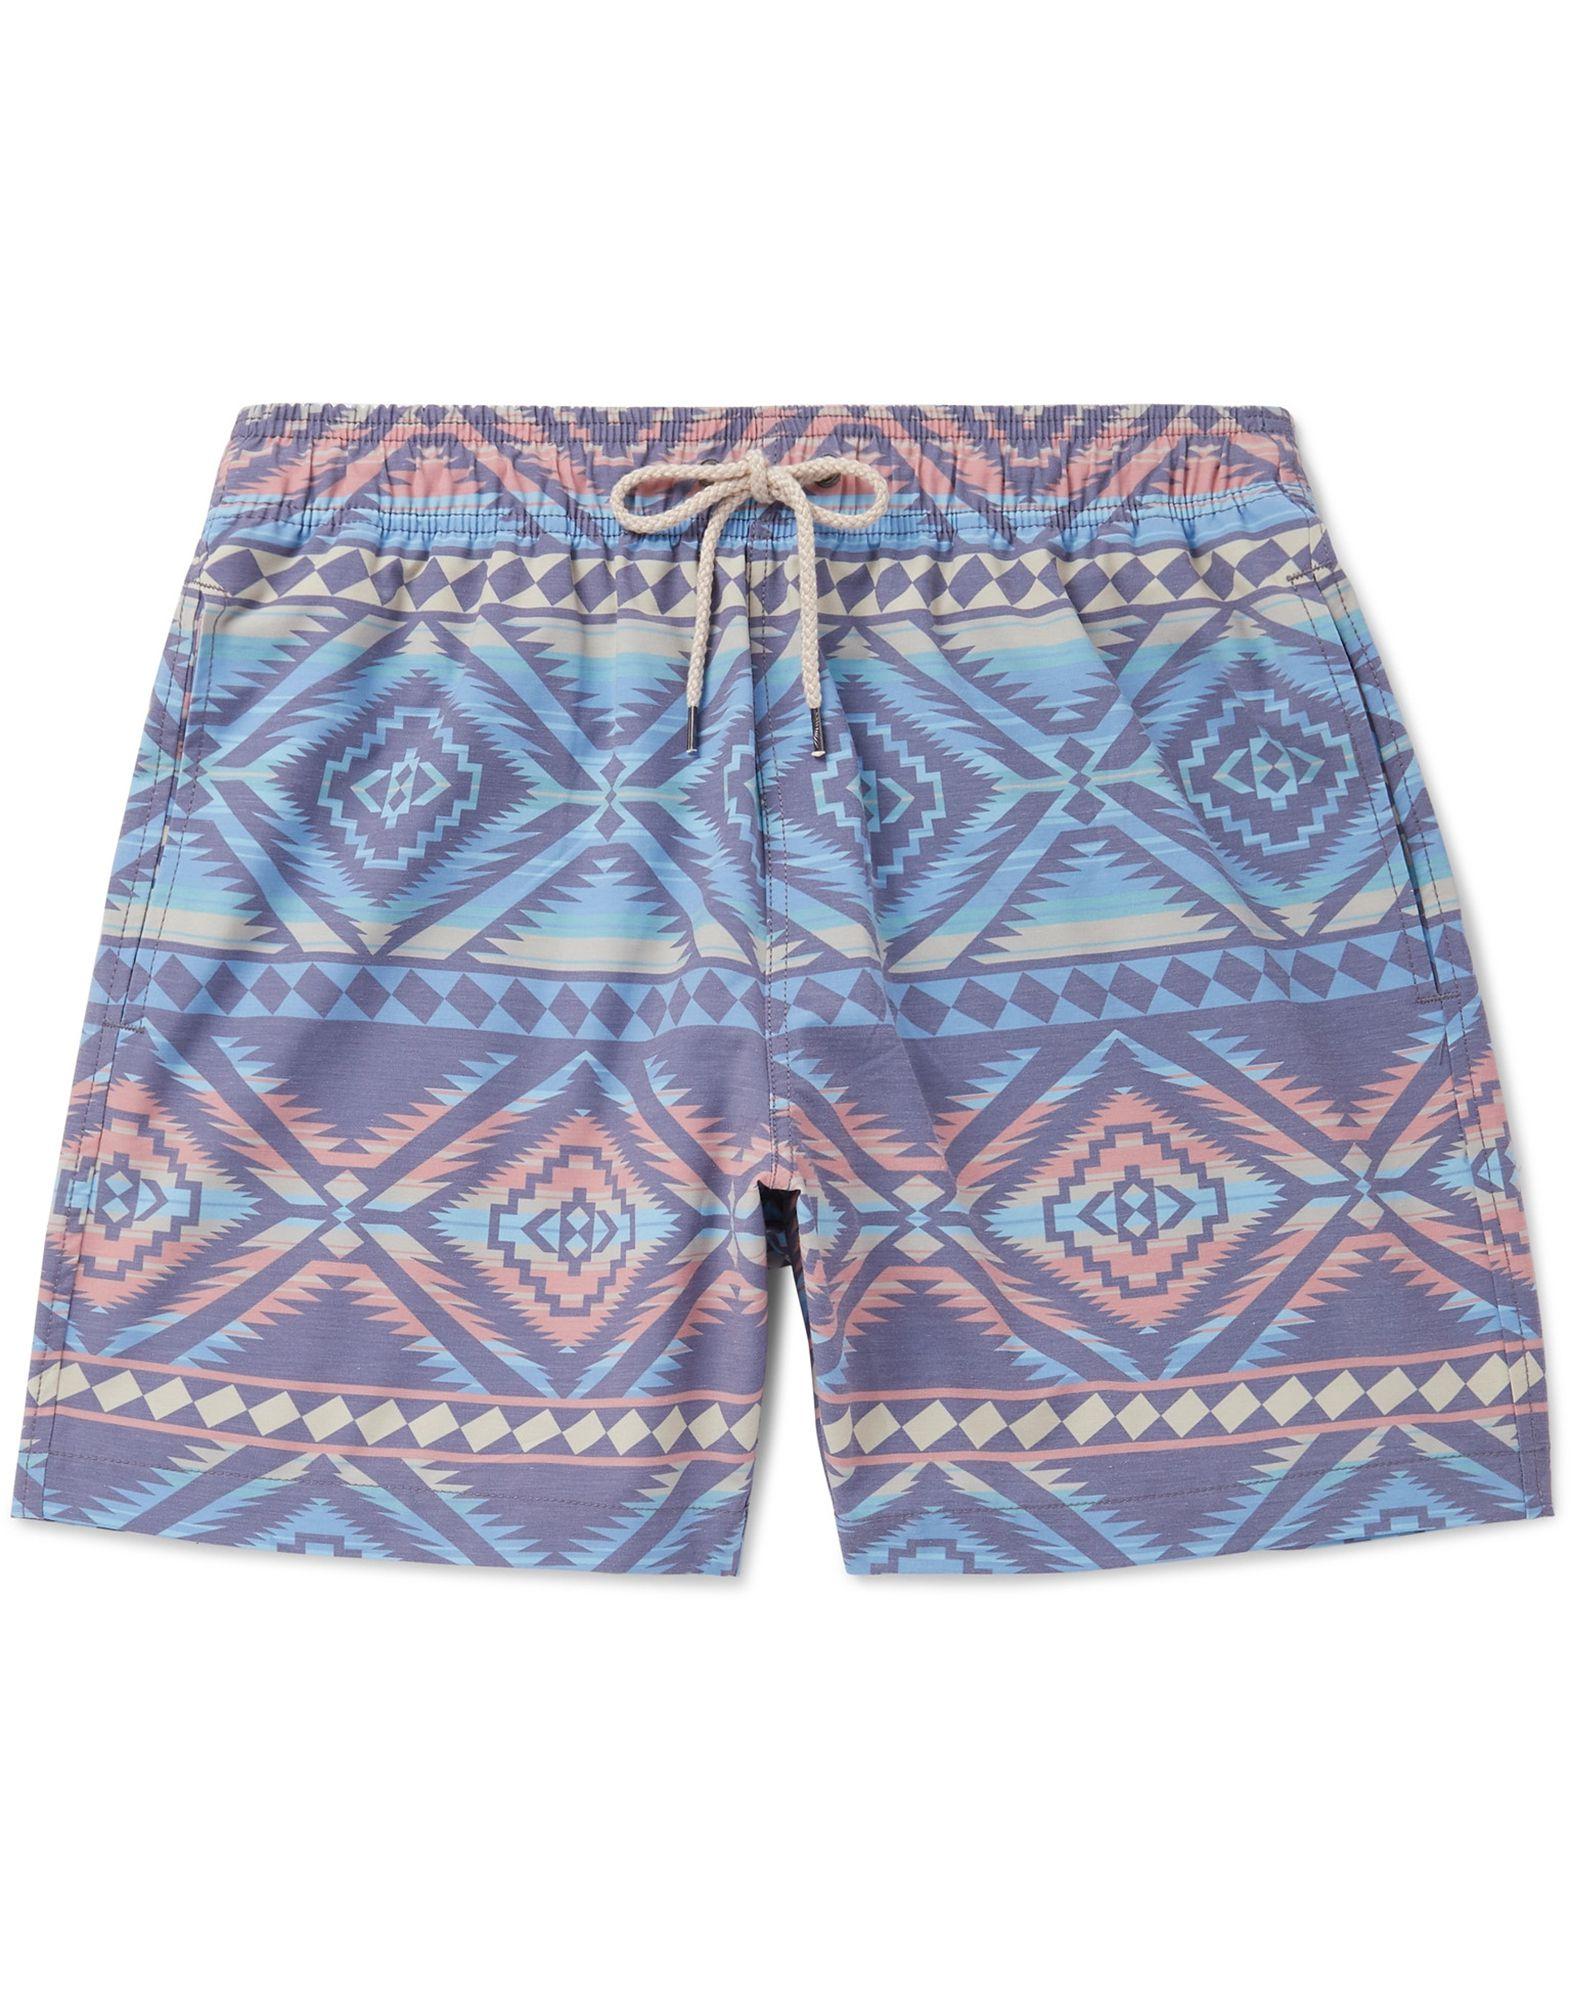 FAHERTY Swim trunks - Item 47269654